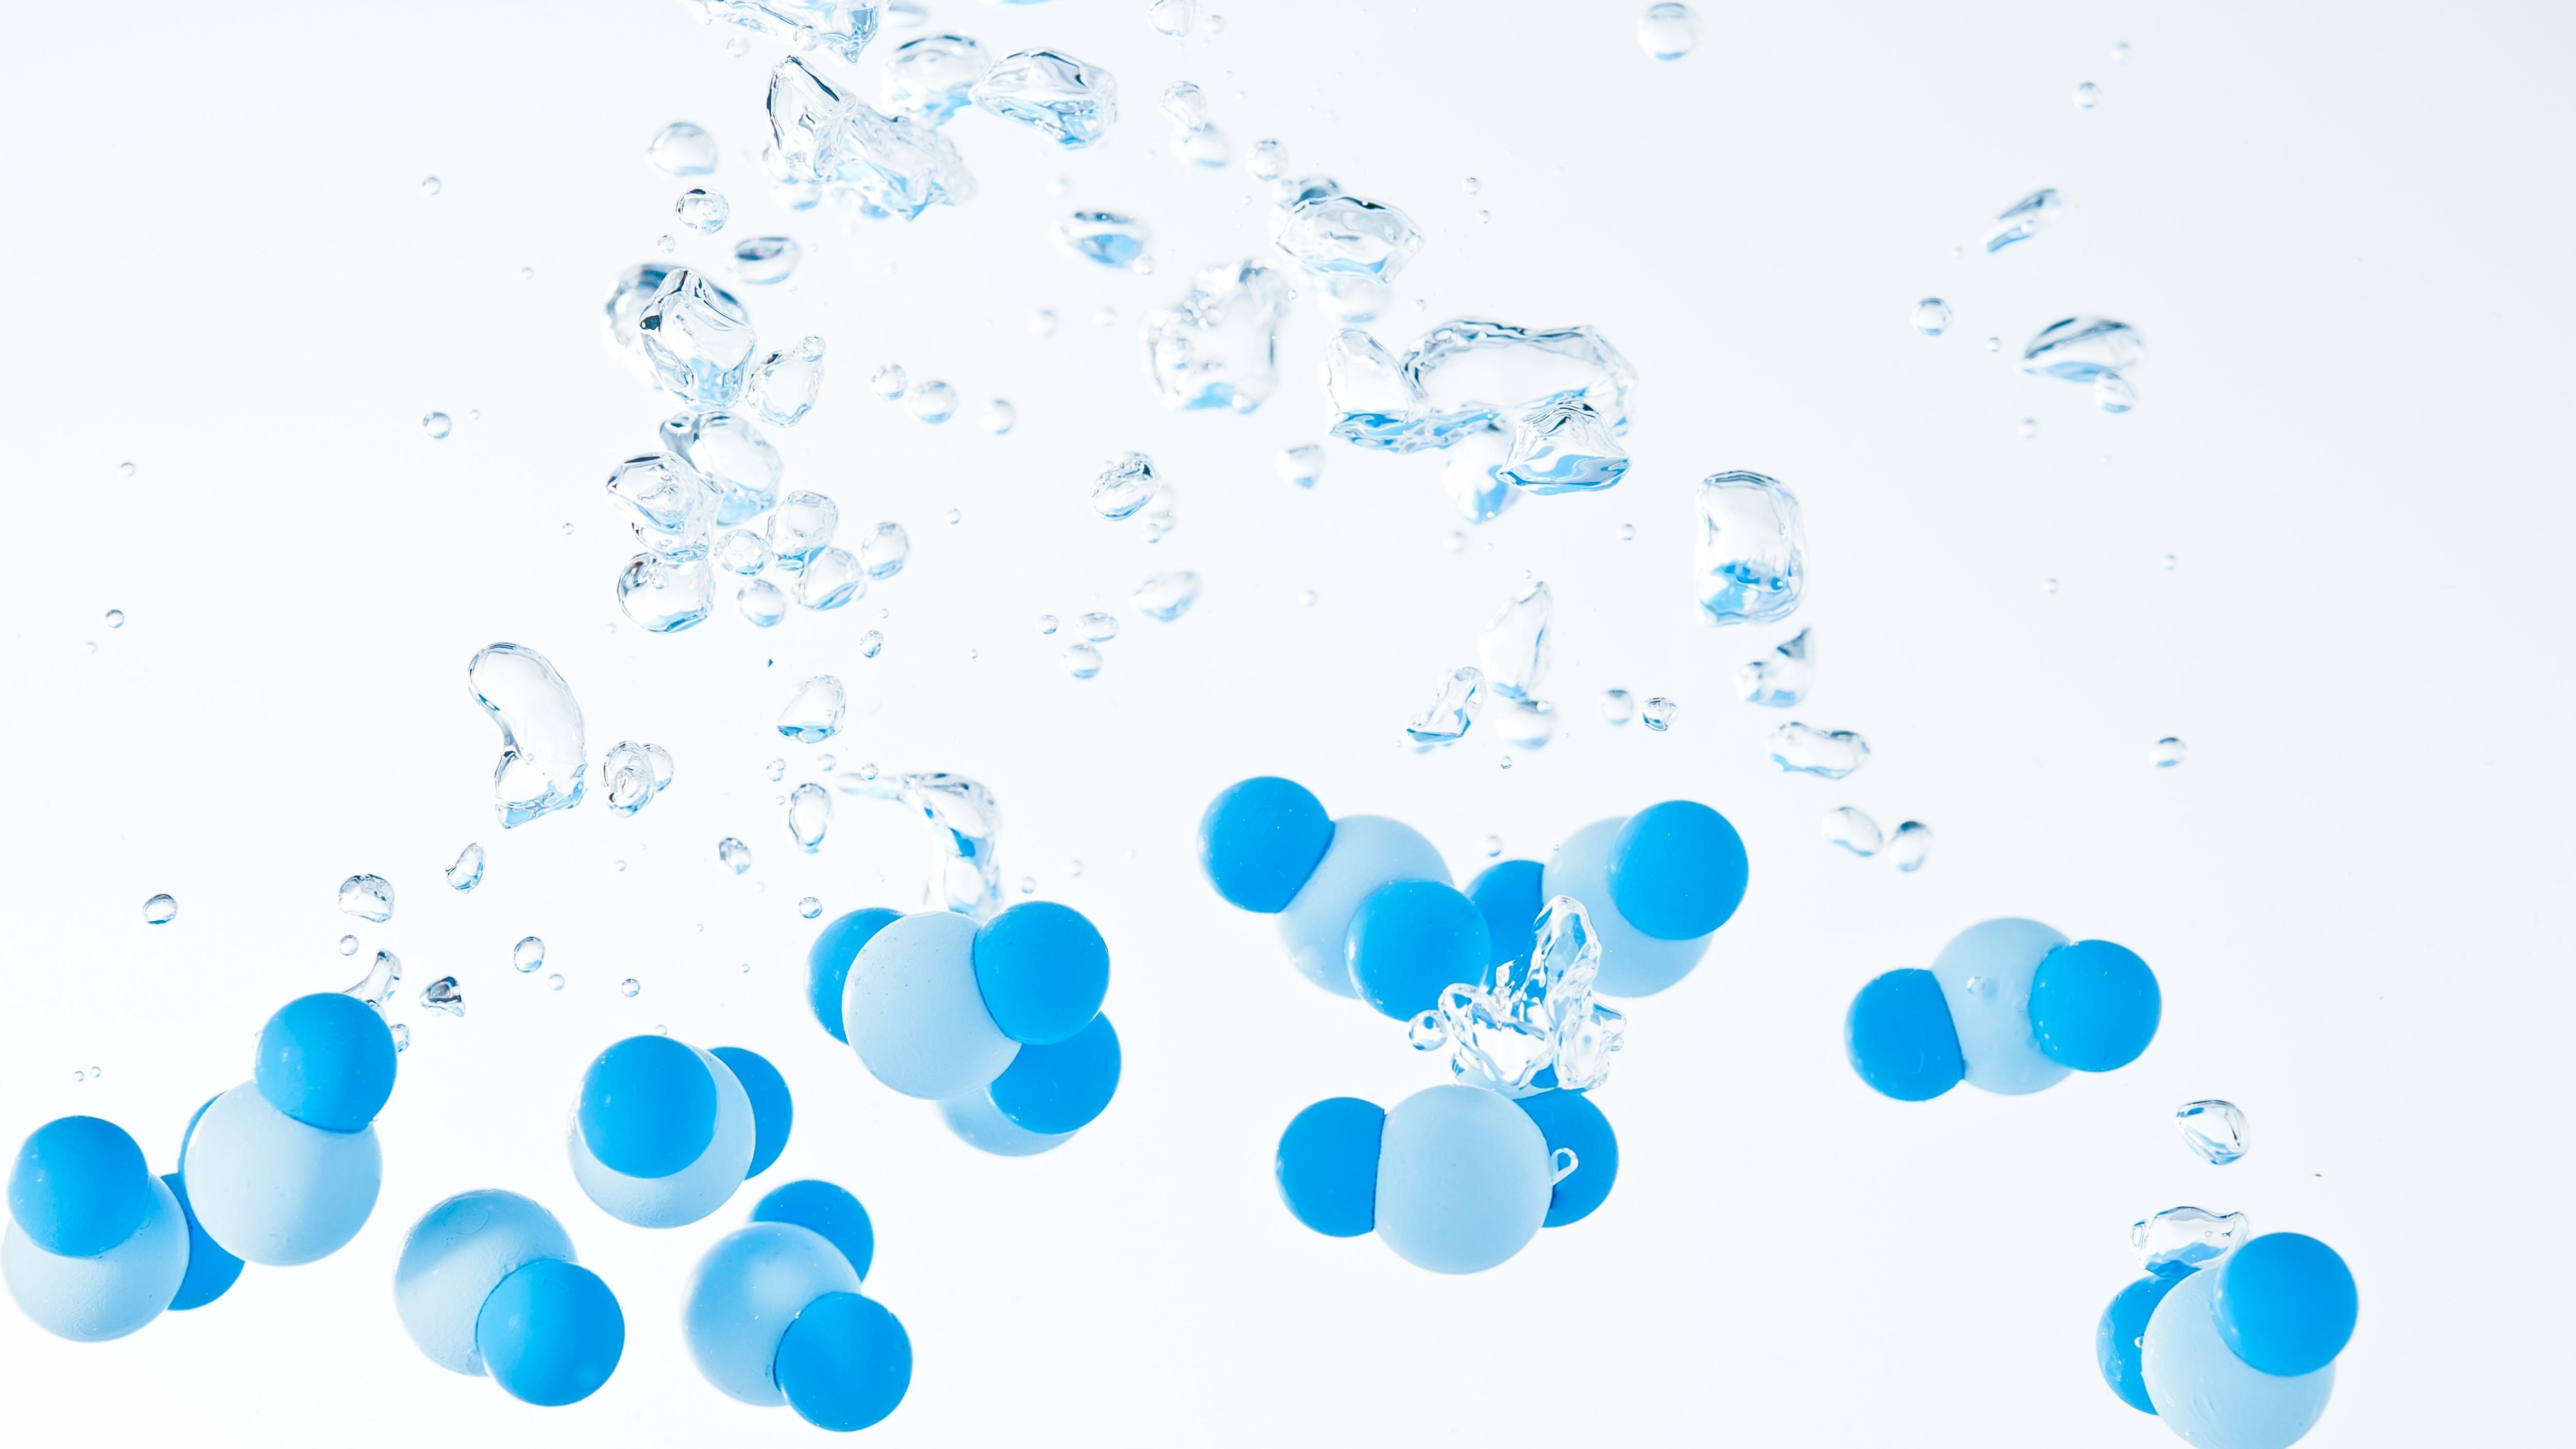 Tìm hiểu về nước Hydrogen và nước kiềm